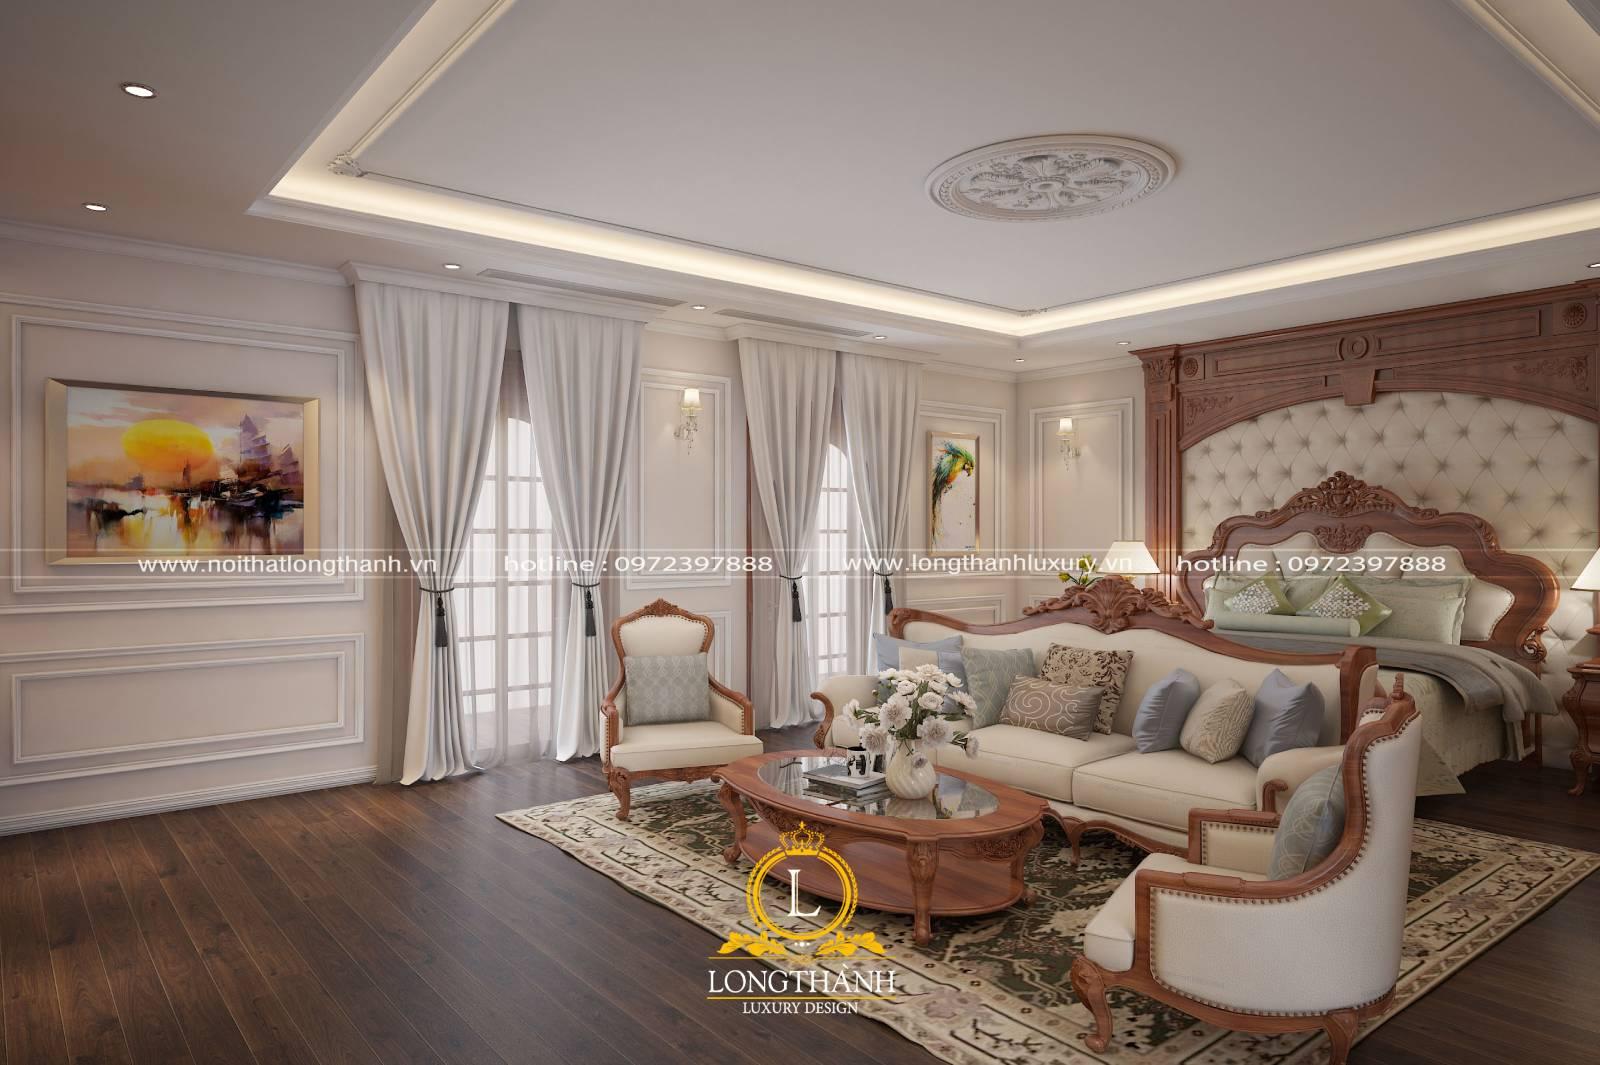 Sự kết hợp màu sắc thống nhất giữa sofa phòng ngủ và các món đồ nội thất